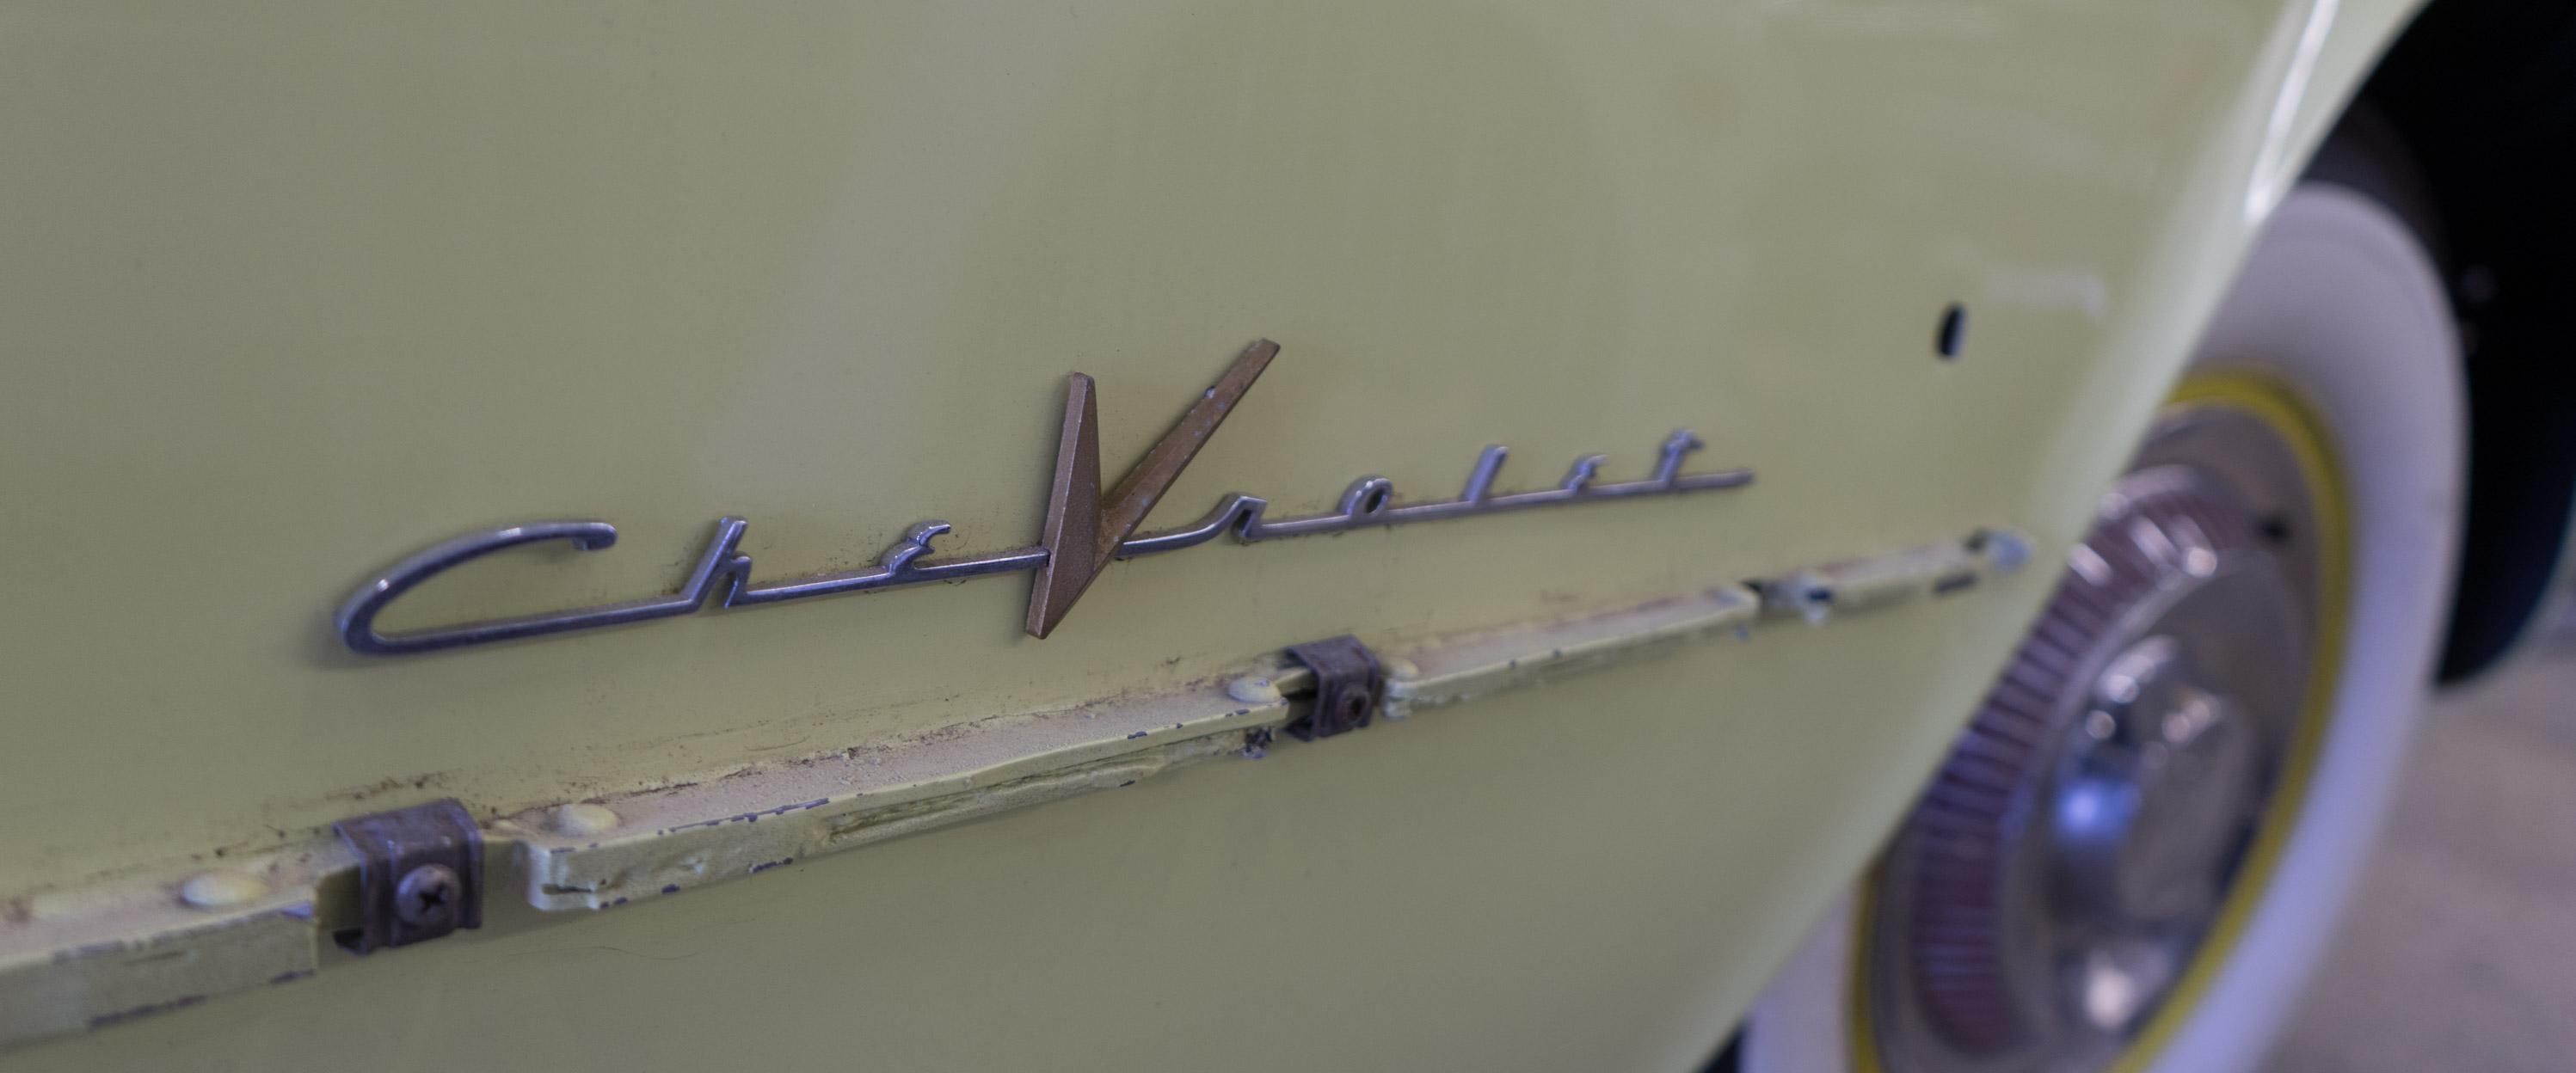 1955 Chevrolet 'Harvest Gold' Corvette - Restoration Update